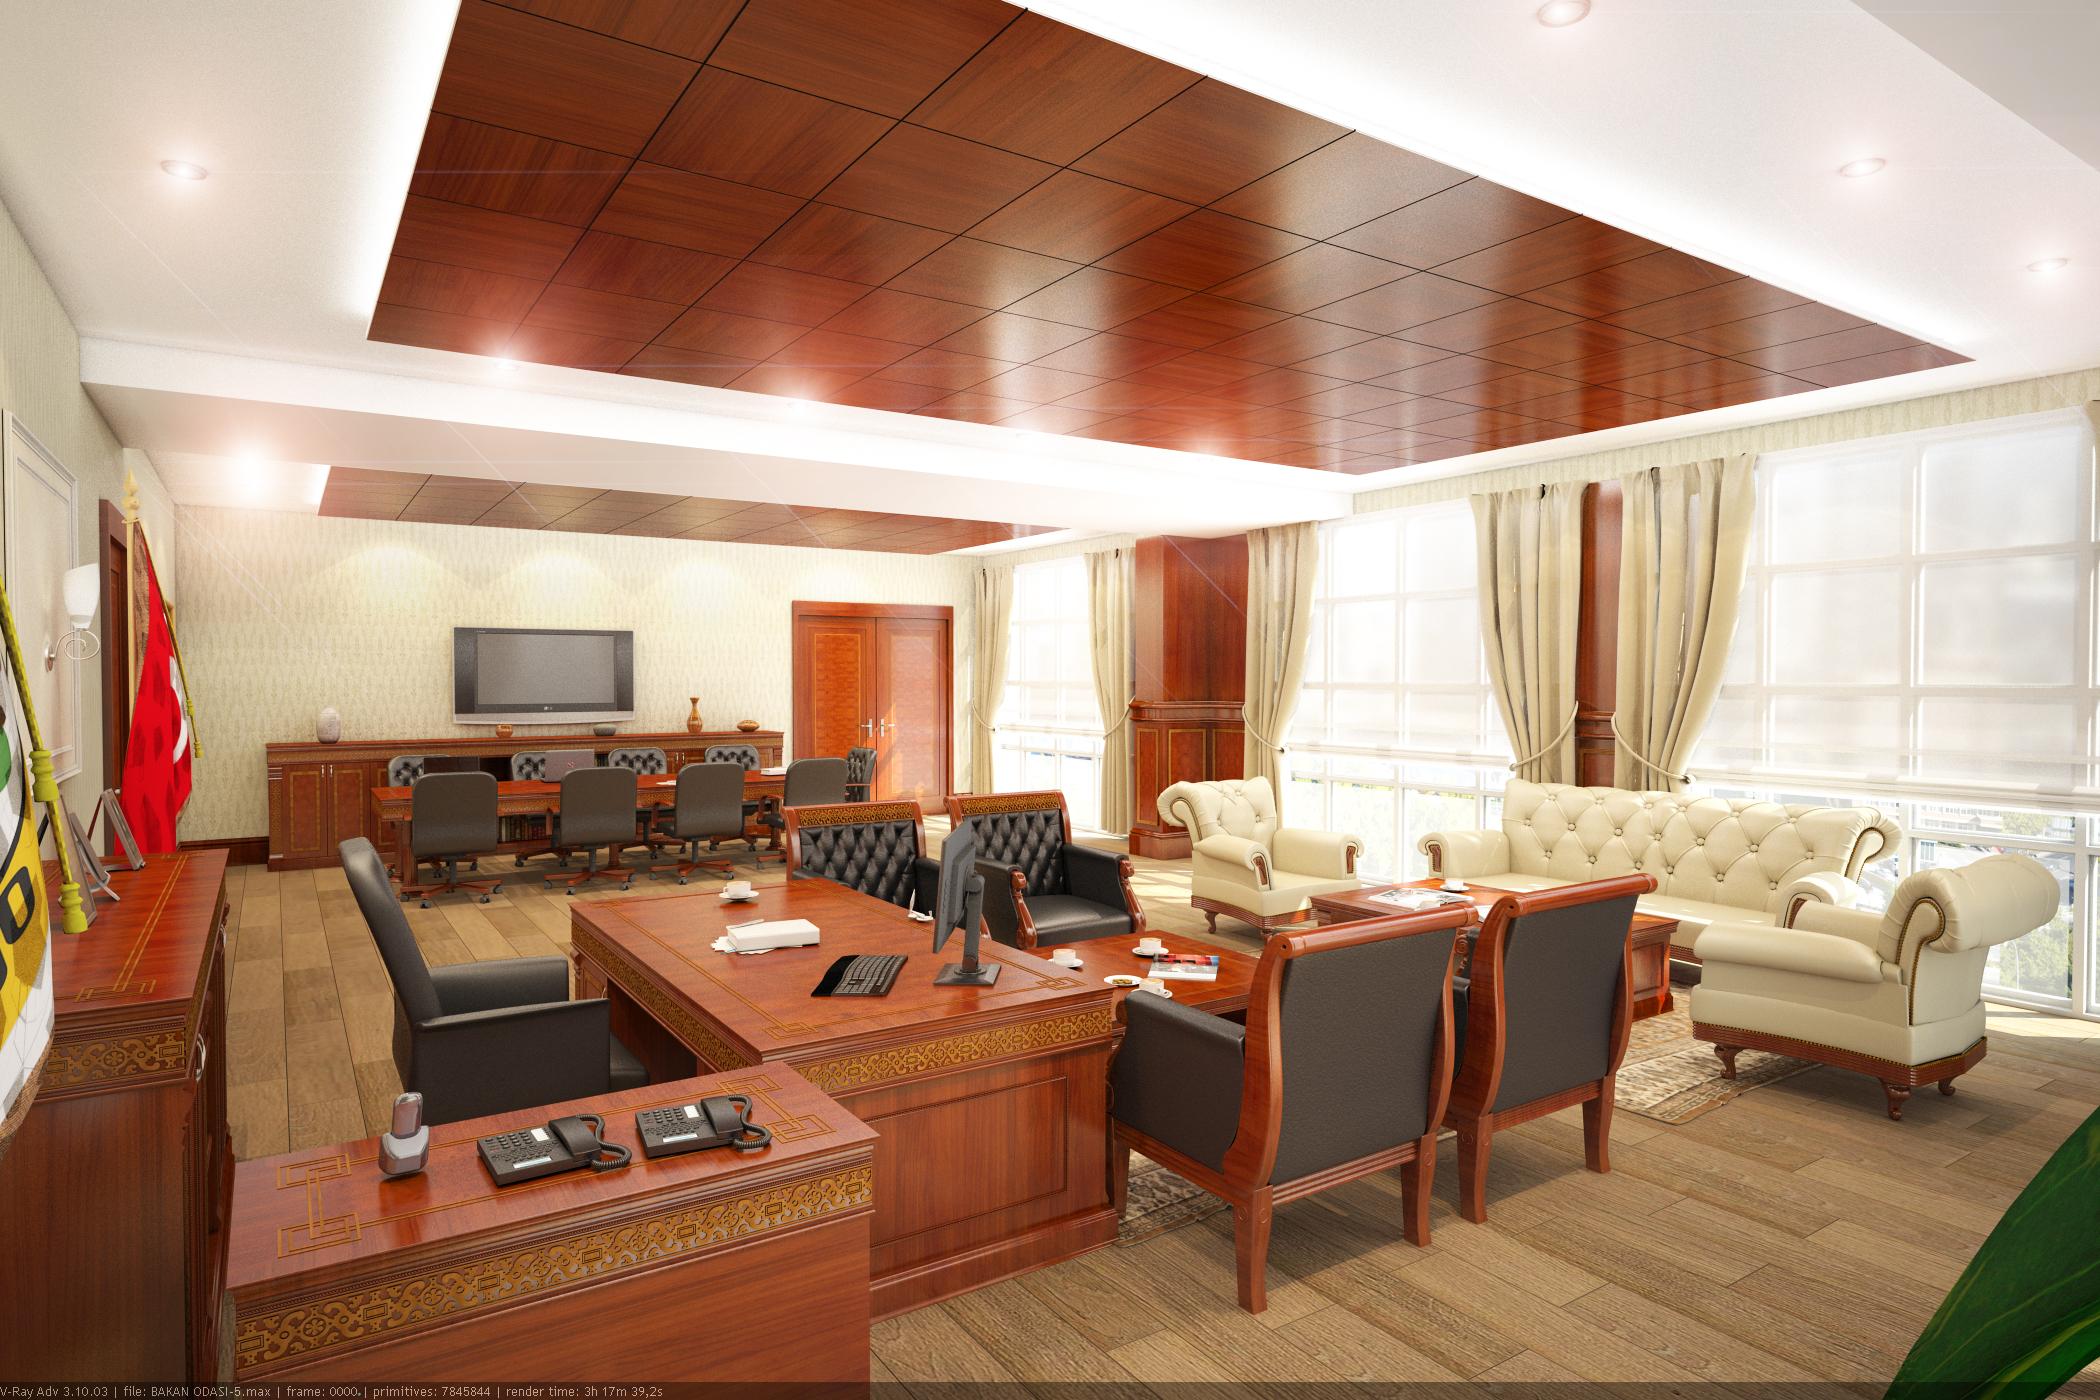 Bakan Odası